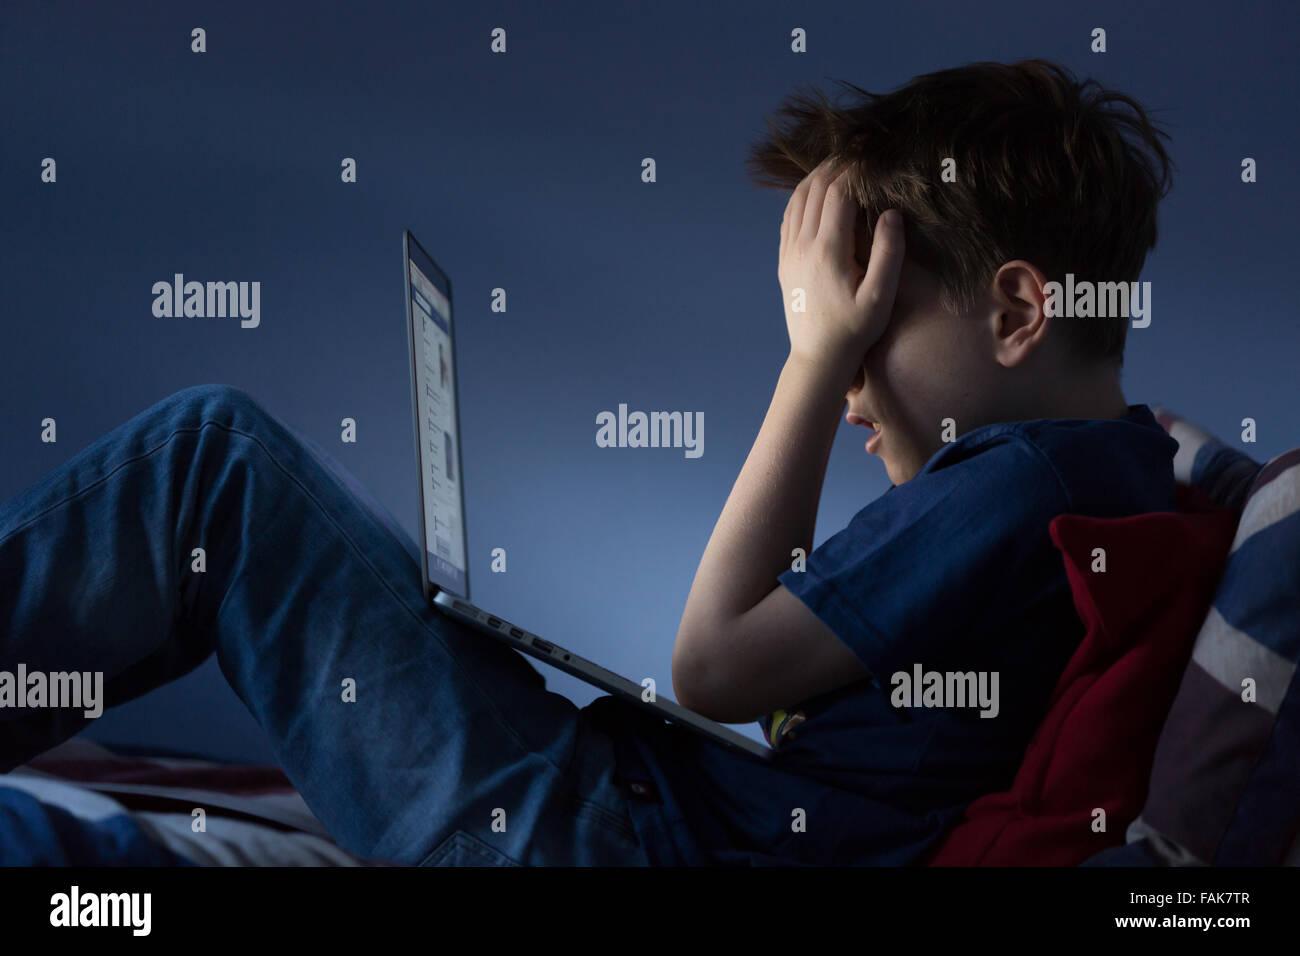 El acoso en línea Cyber Bullying foto de un malestar del muchacho en su habitación mirando mensajes hirientes Imagen De Stock